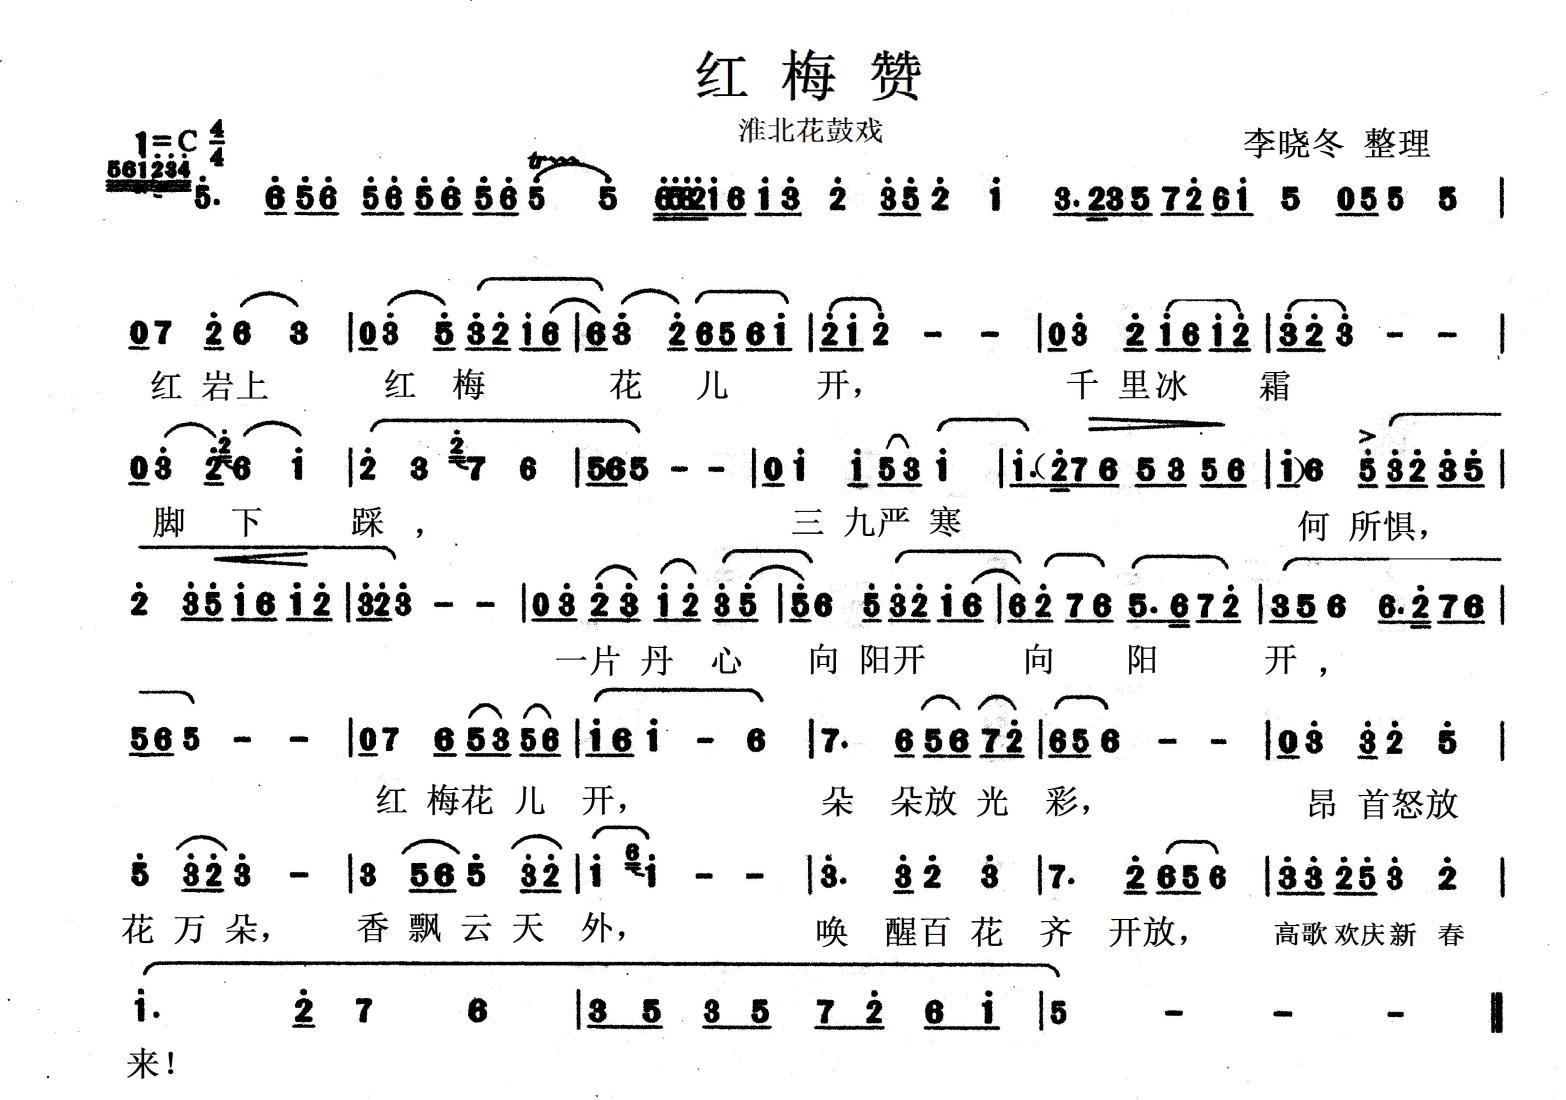 淮北花鼓戏 - 全屏看谱